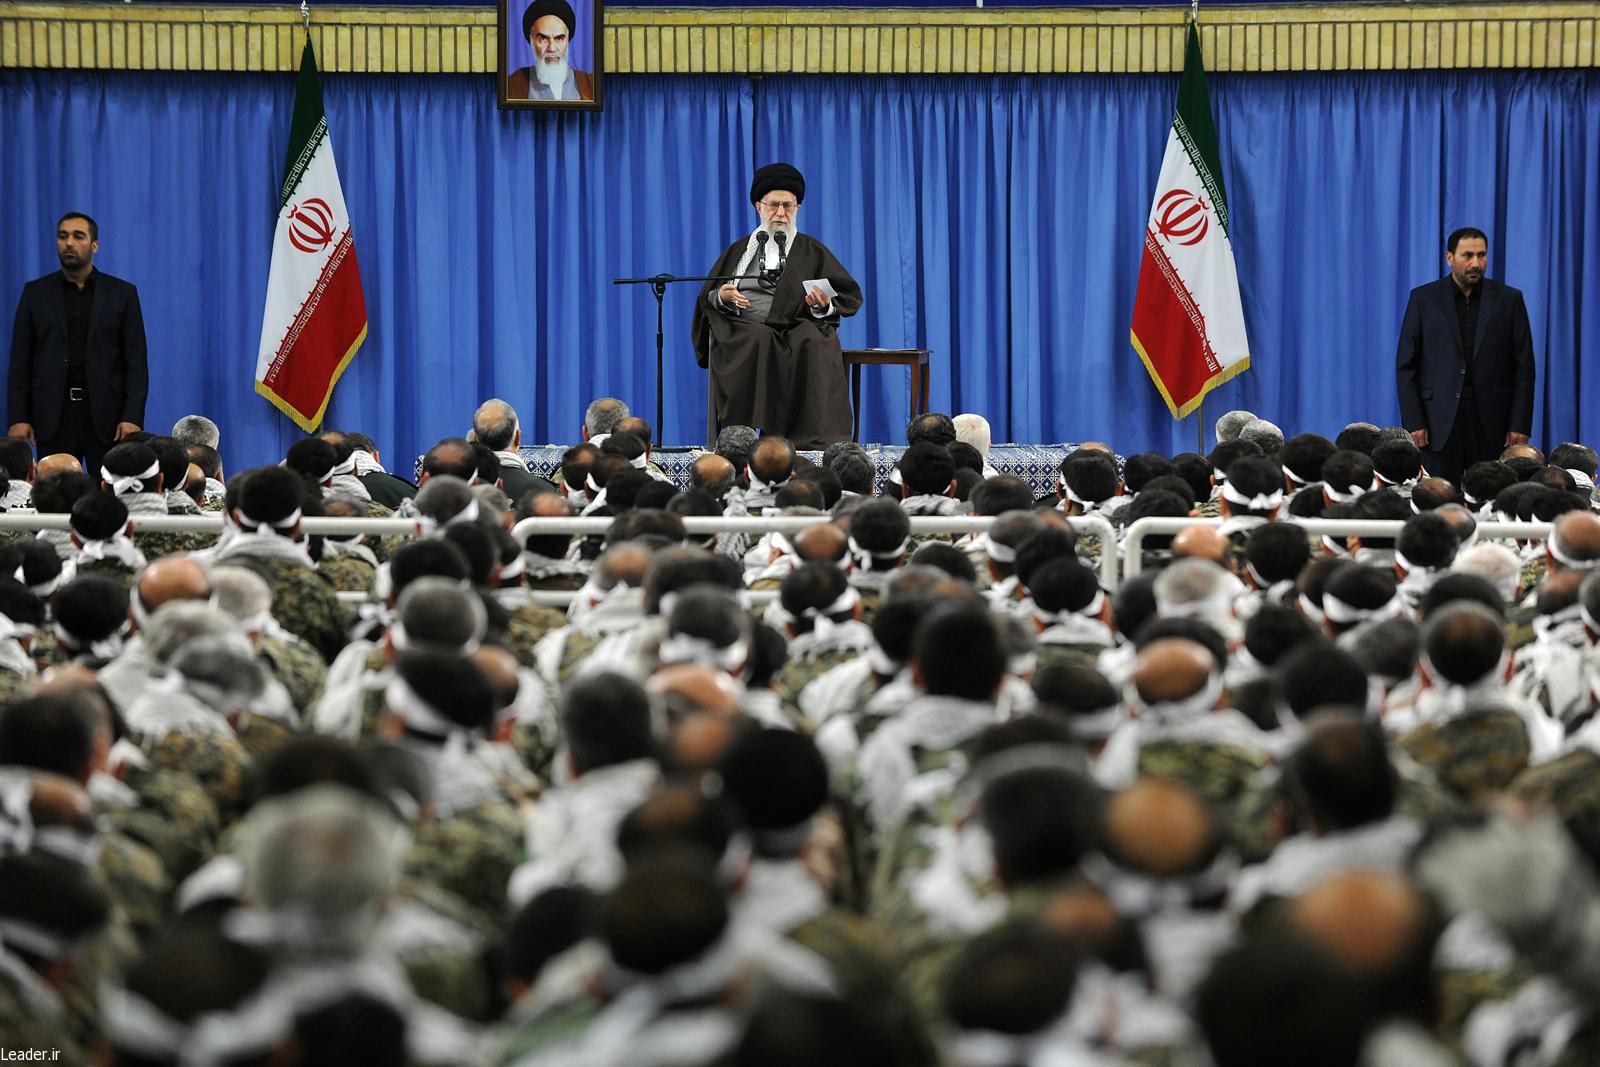 بیانات رهبر انقلاب در دیدار فرماندهان بسیج